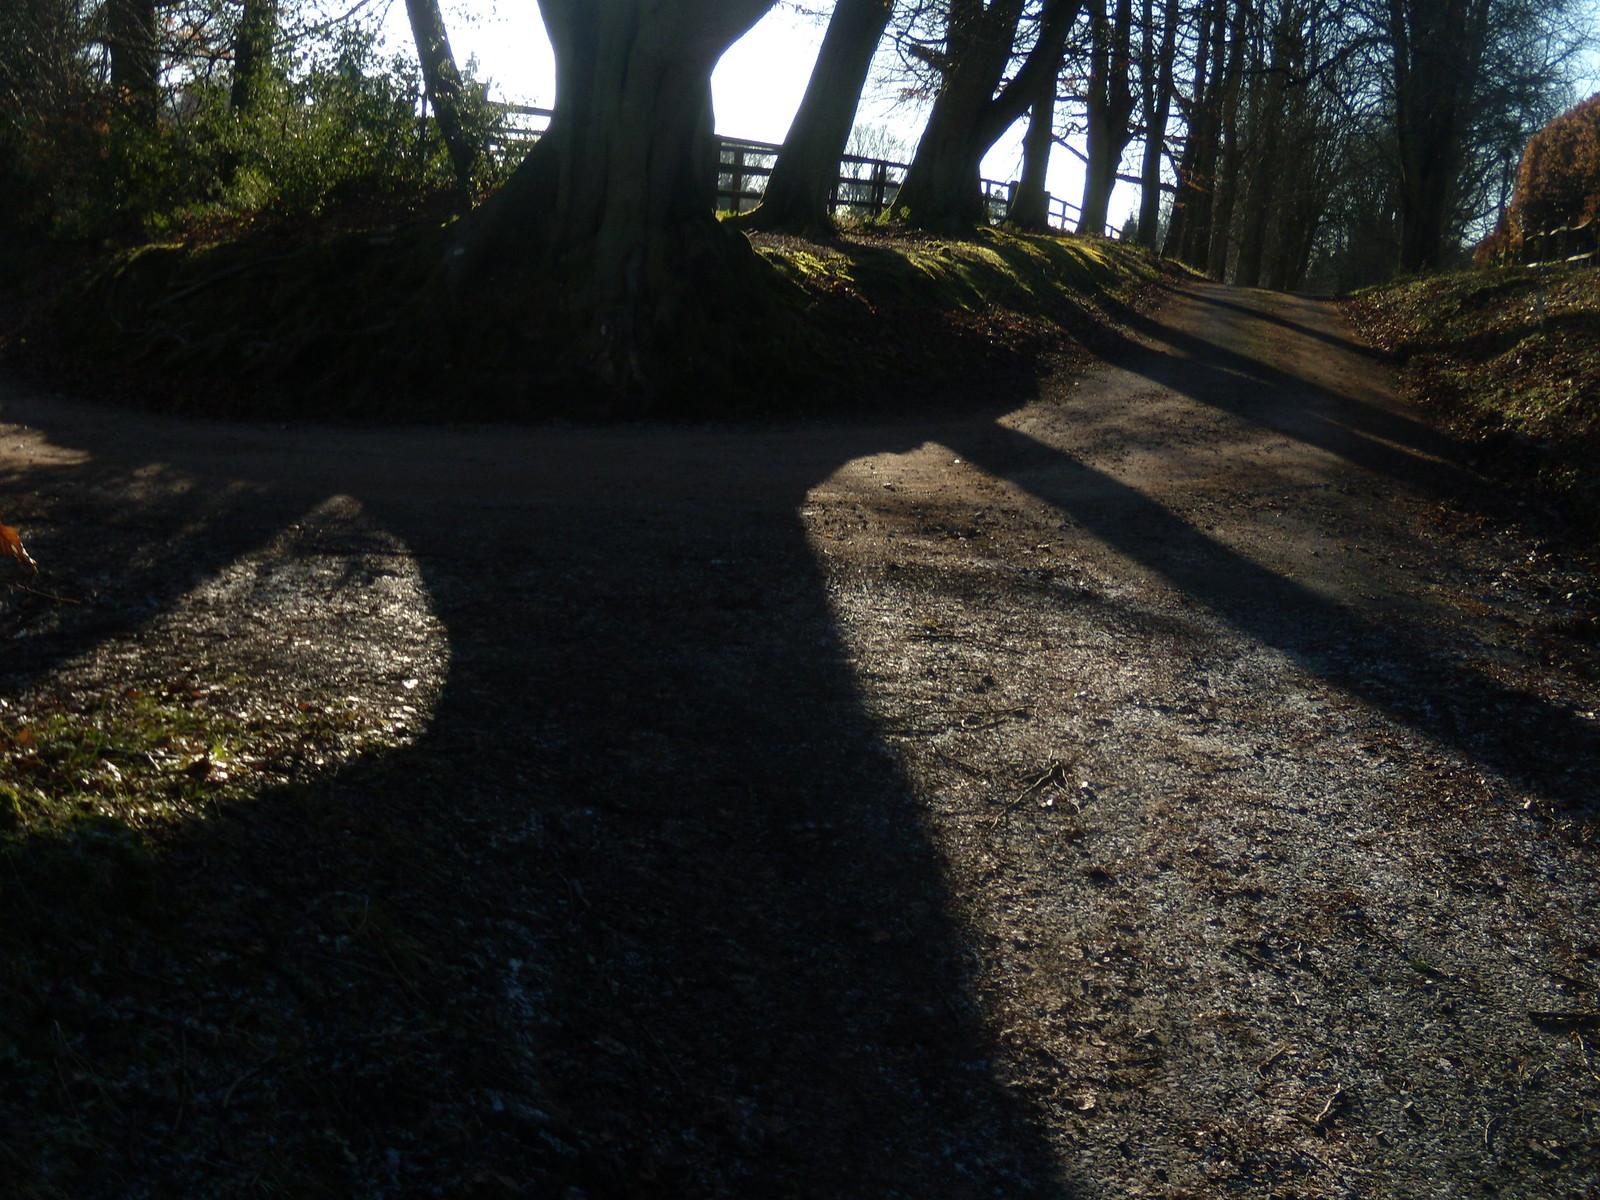 Shadders DSCN8291 Haslemere Round Walk